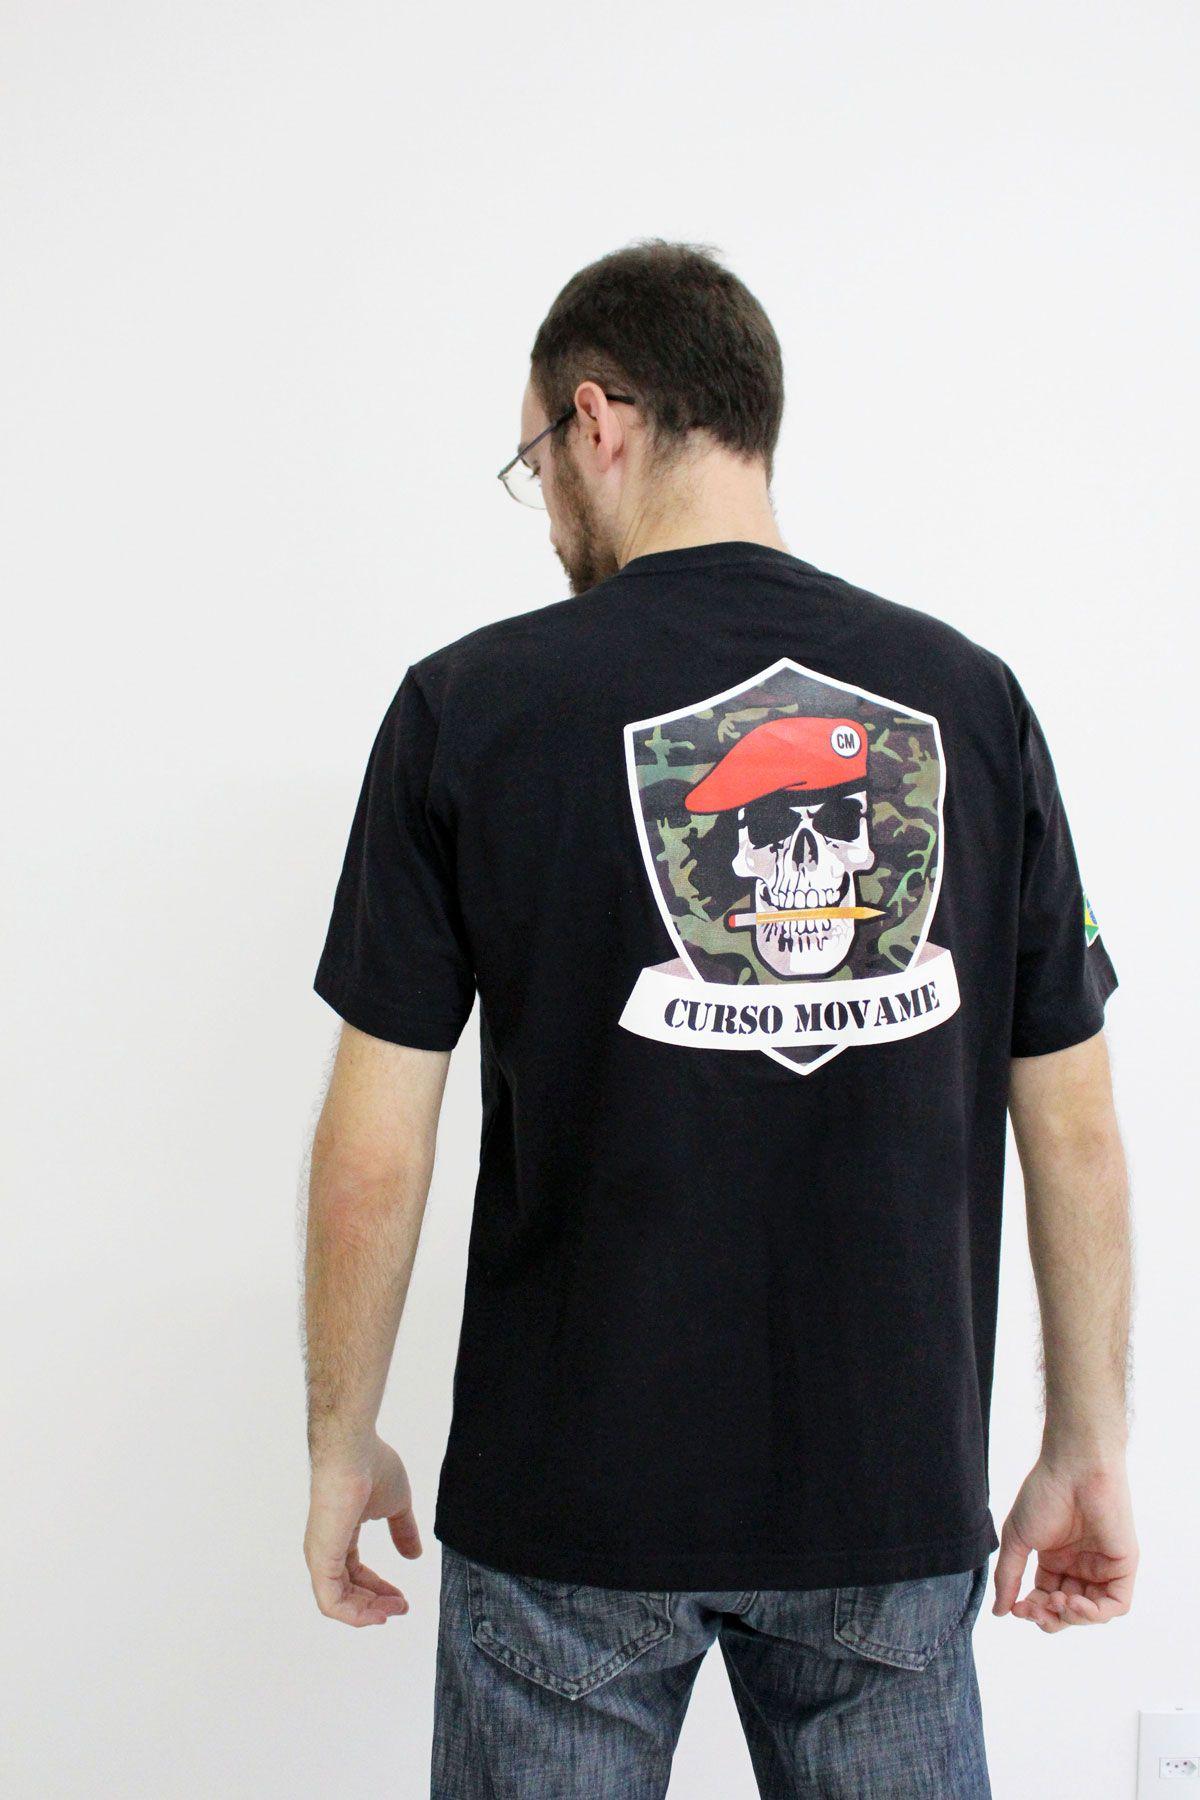 Camiseta Polícia Militar  - MOVAME CURSOS EDUCACIONAIS